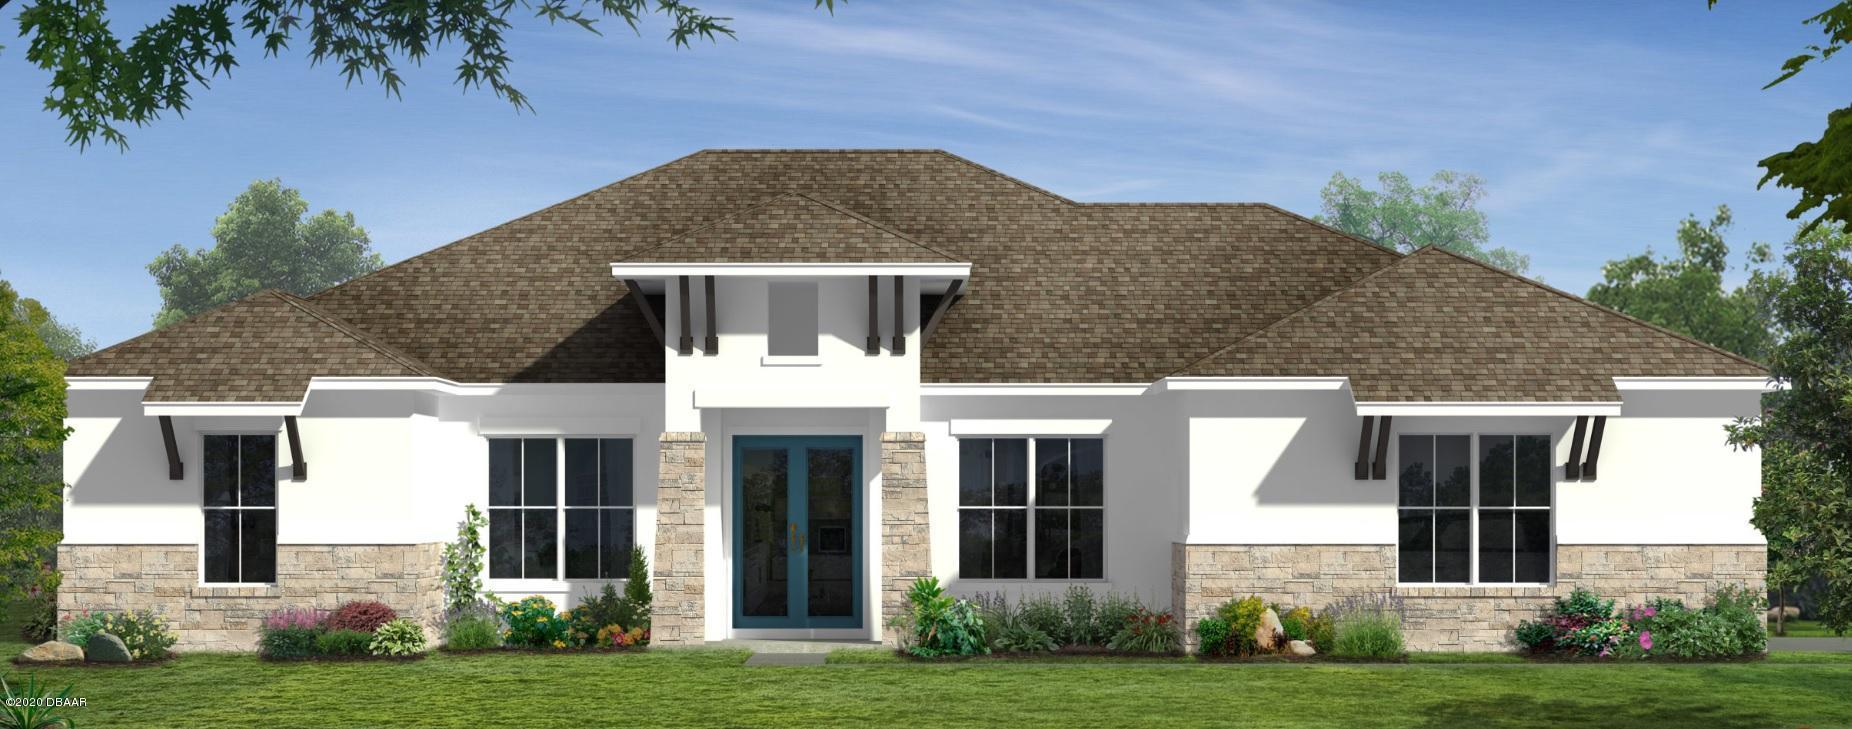 1409 Lilly Anne Lane, Ormond Beach, FL 32174